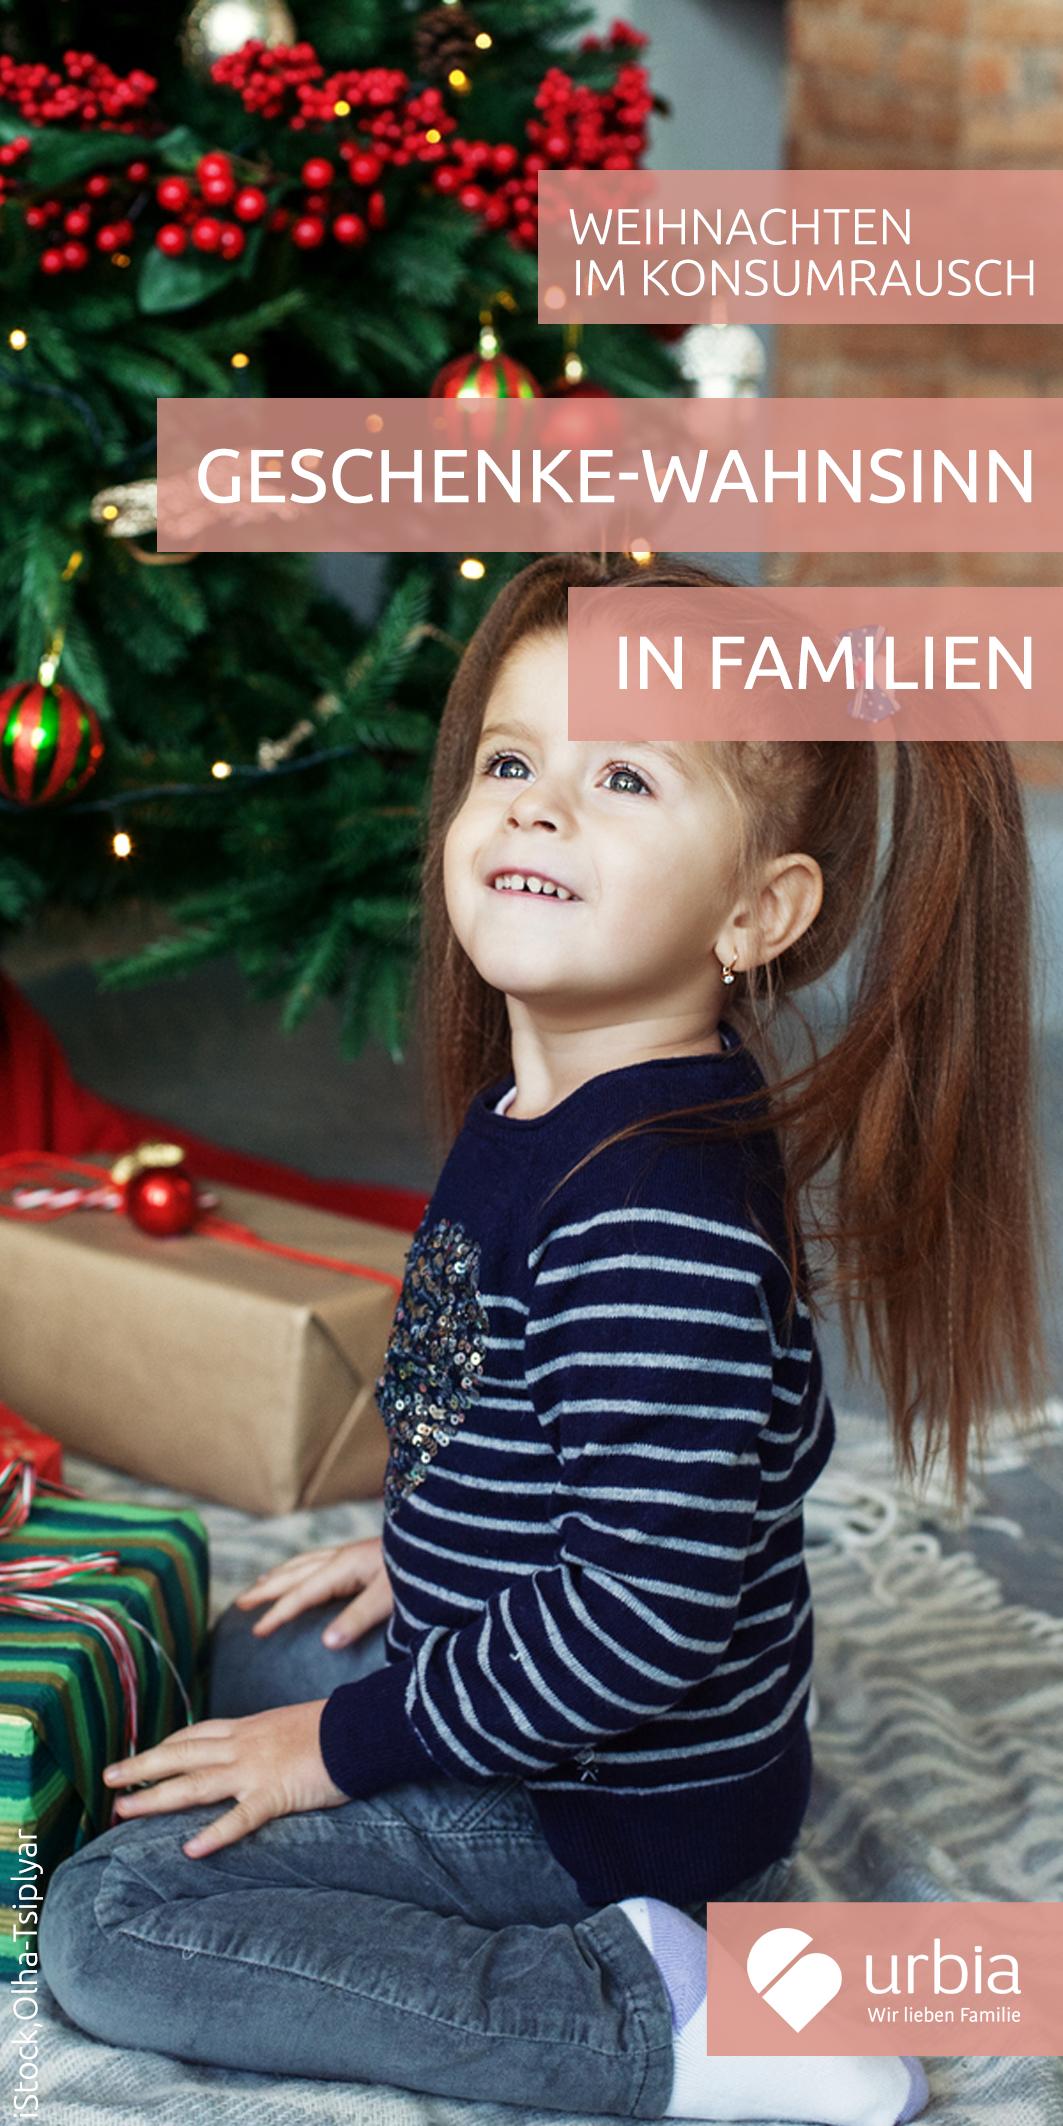 Geschenkideen Familie Weihnachten.Geschenke Wahnsinn In Familien Familientipps Für Die Feiertage